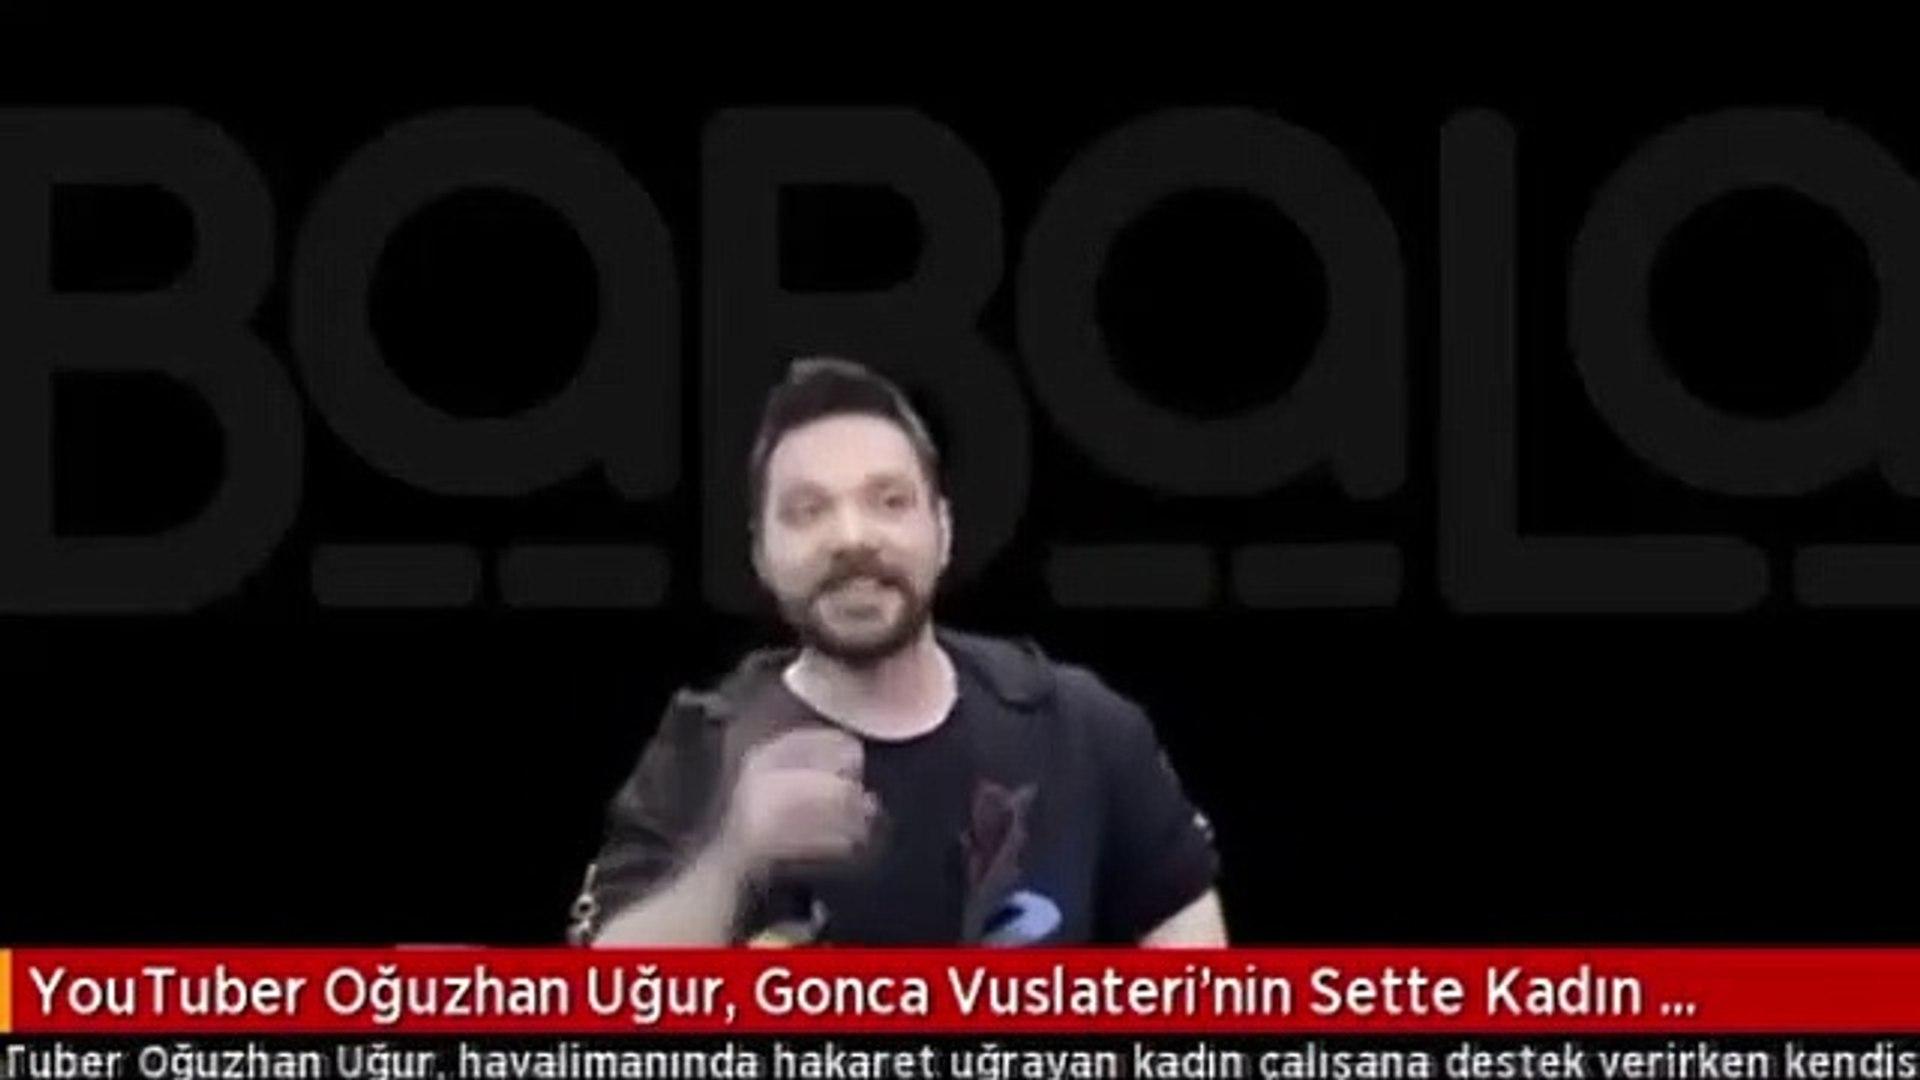 Oğuzhan Uğur, Gonca Vuslateri'nin sette kadın çalışanı nasıl ağlattığını ifşa etti